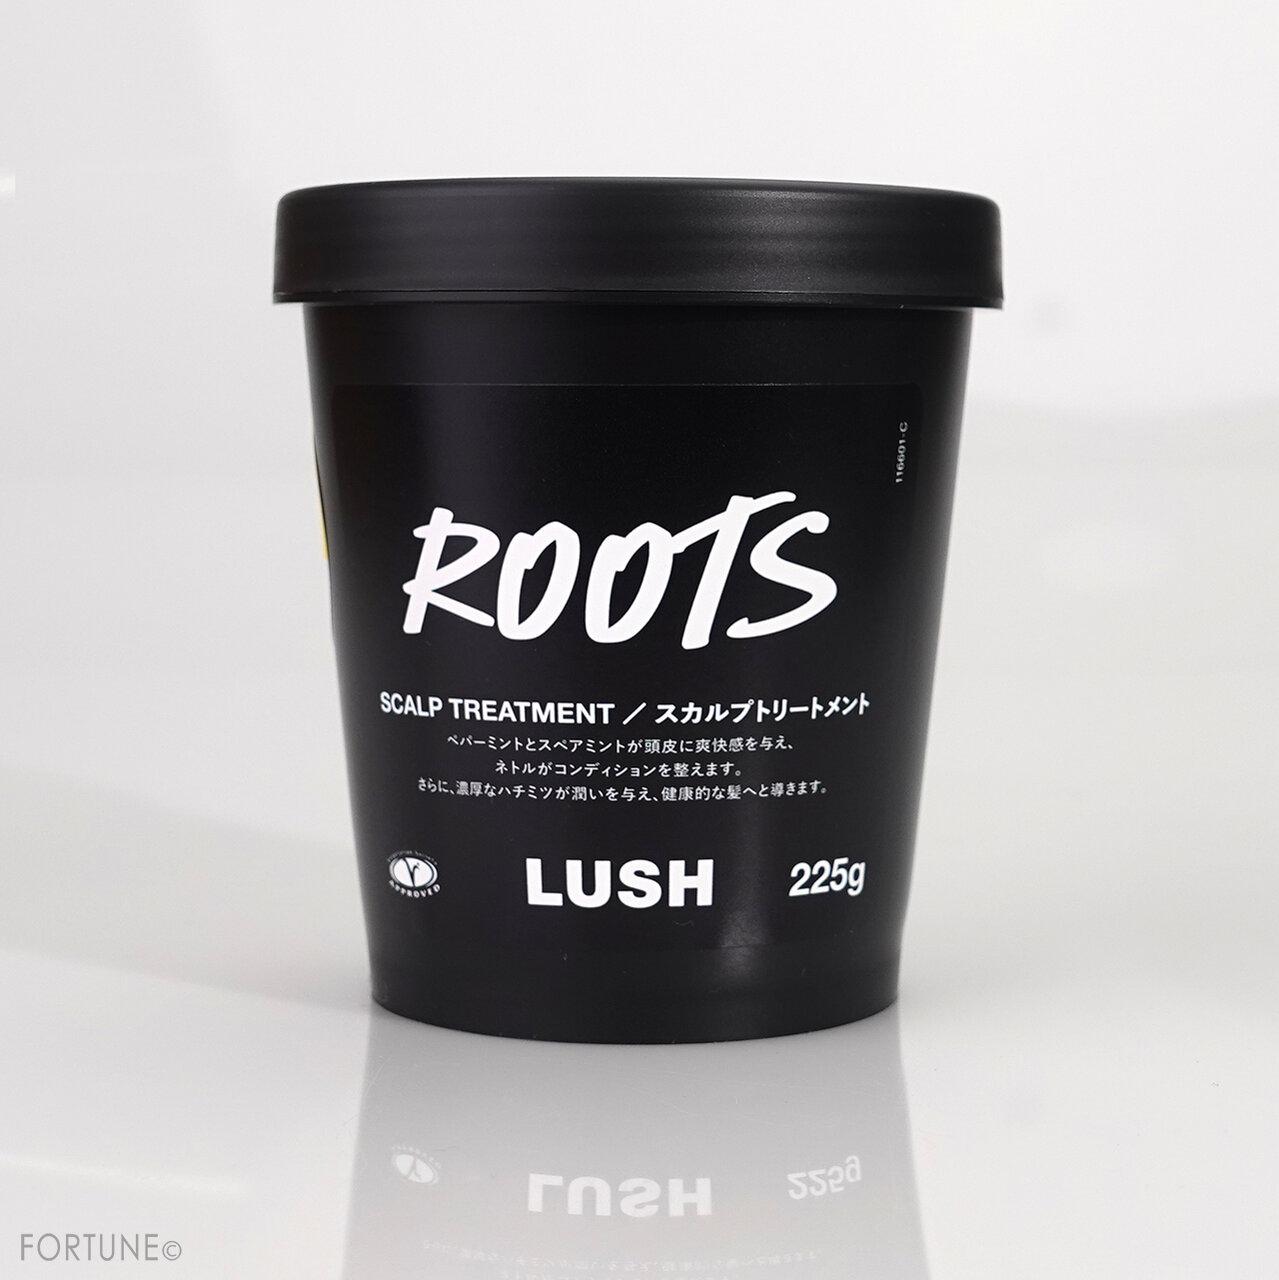 LUSH /現実頭皮